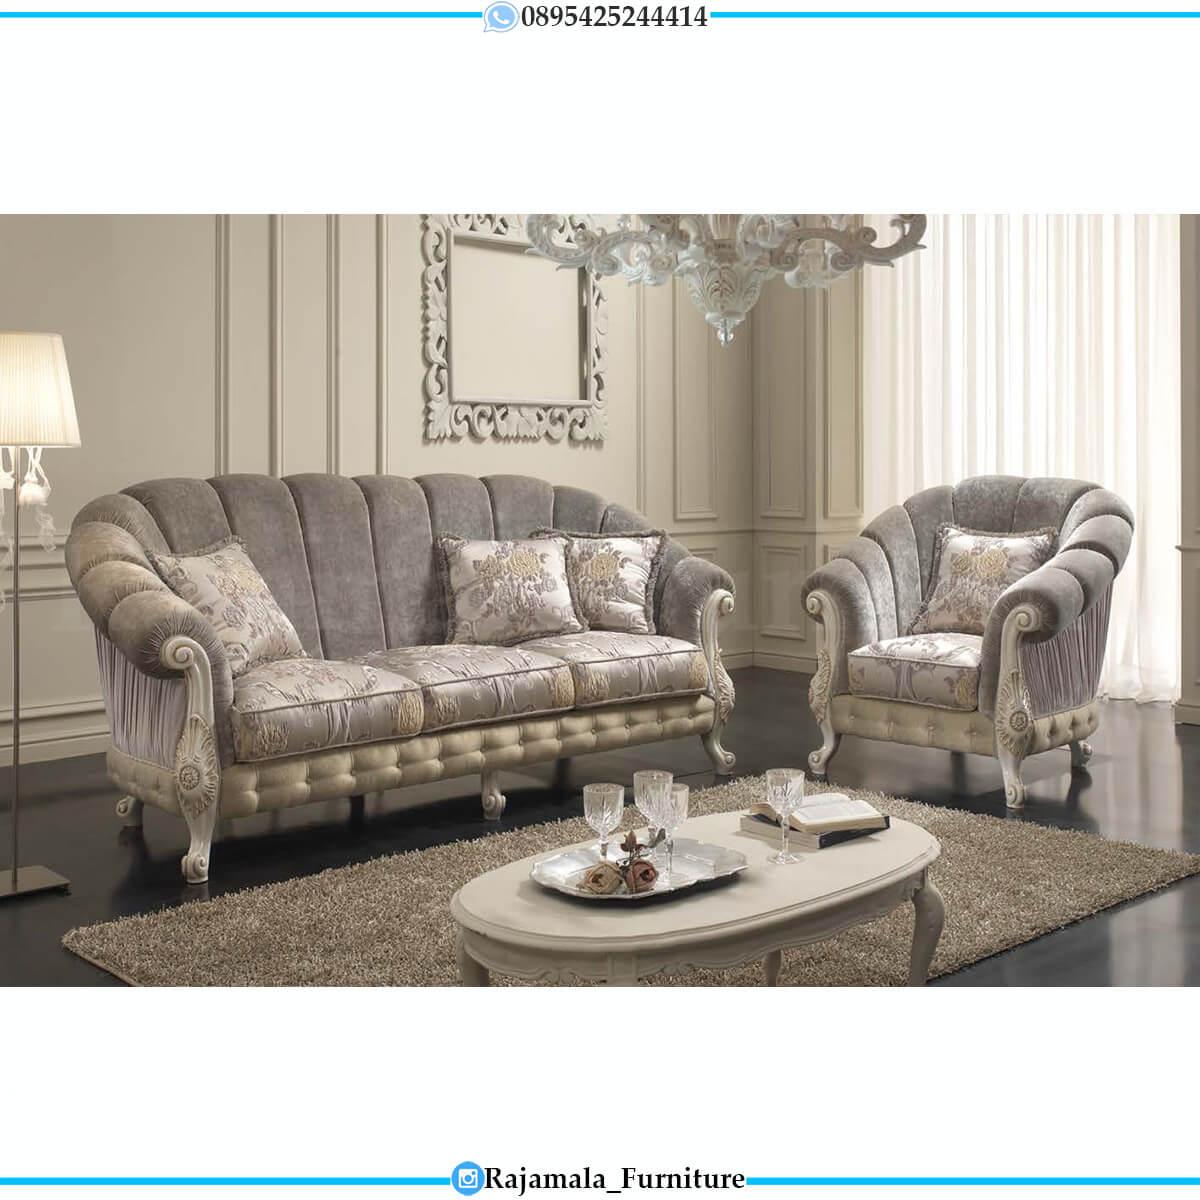 Jual Sofa Tamu Mewah Terbaru Soft Fabric Elegant Beludru RM-0749